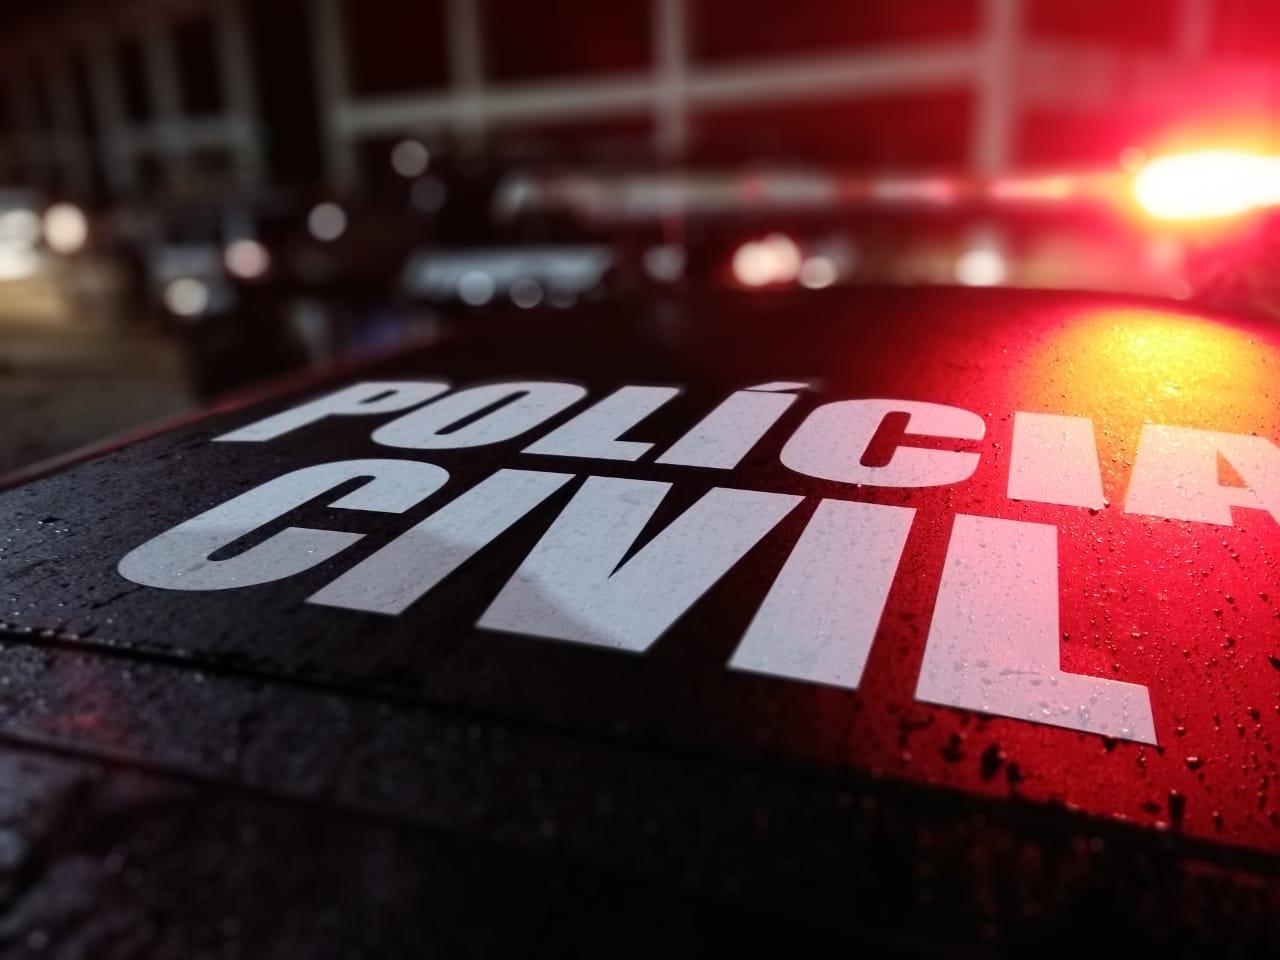 Homem é preso em flagrante por tentativa de estupro e embriaguez ao volante em SC